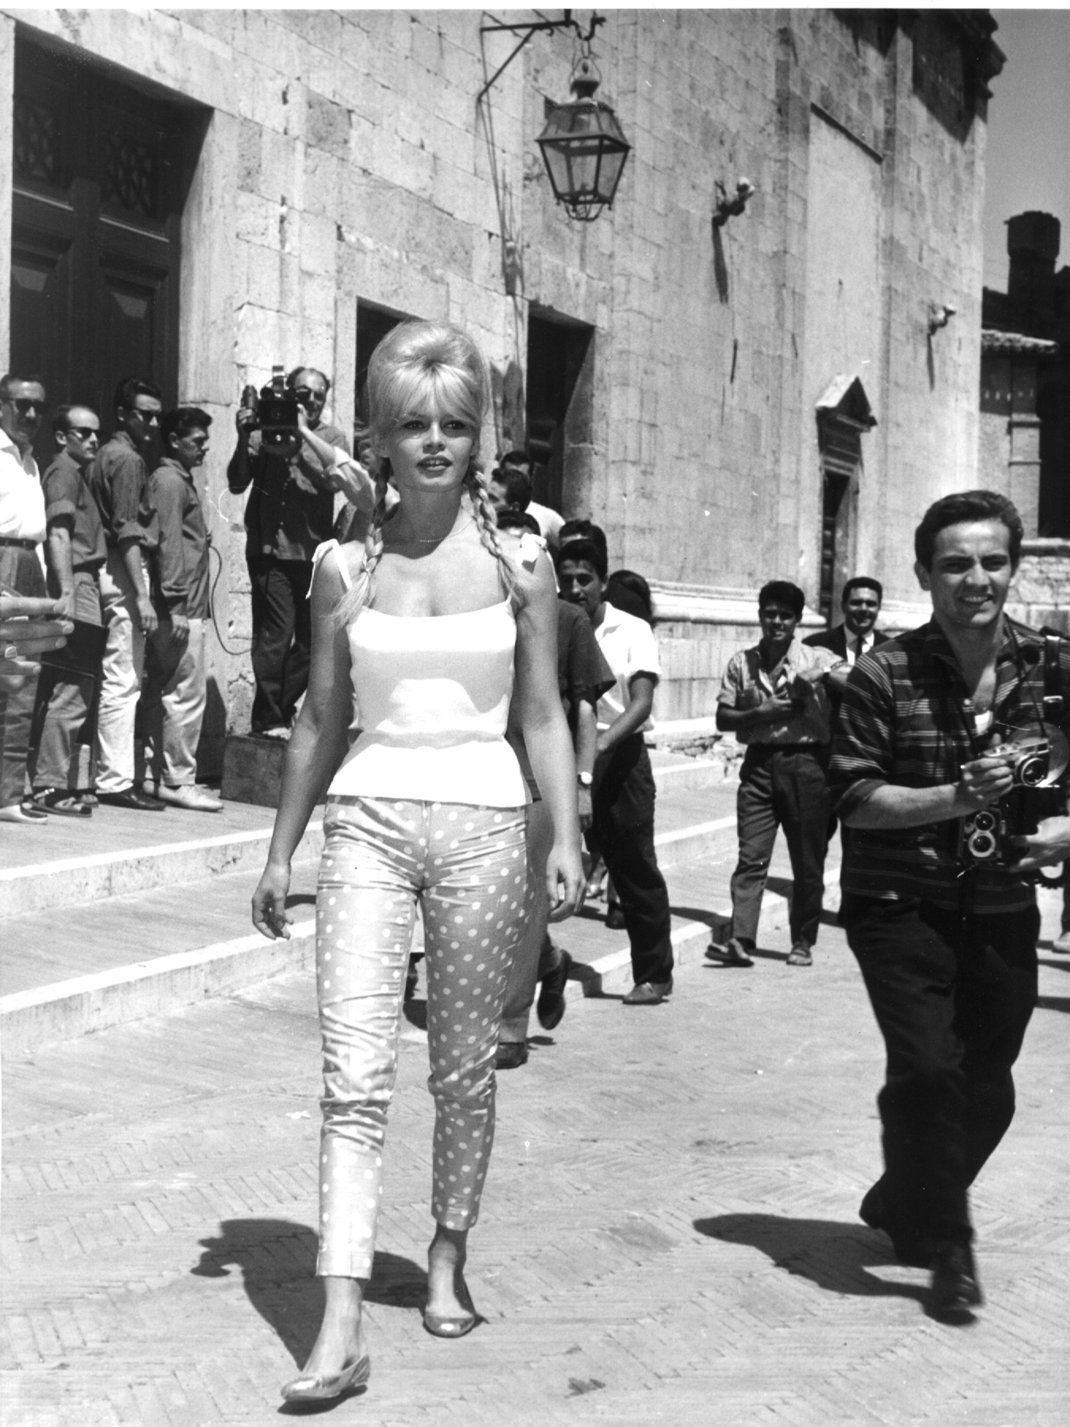 H Μπριζίτ Μπαρντό στο Κάπρι. 1961 / Φωτογραφία: AP